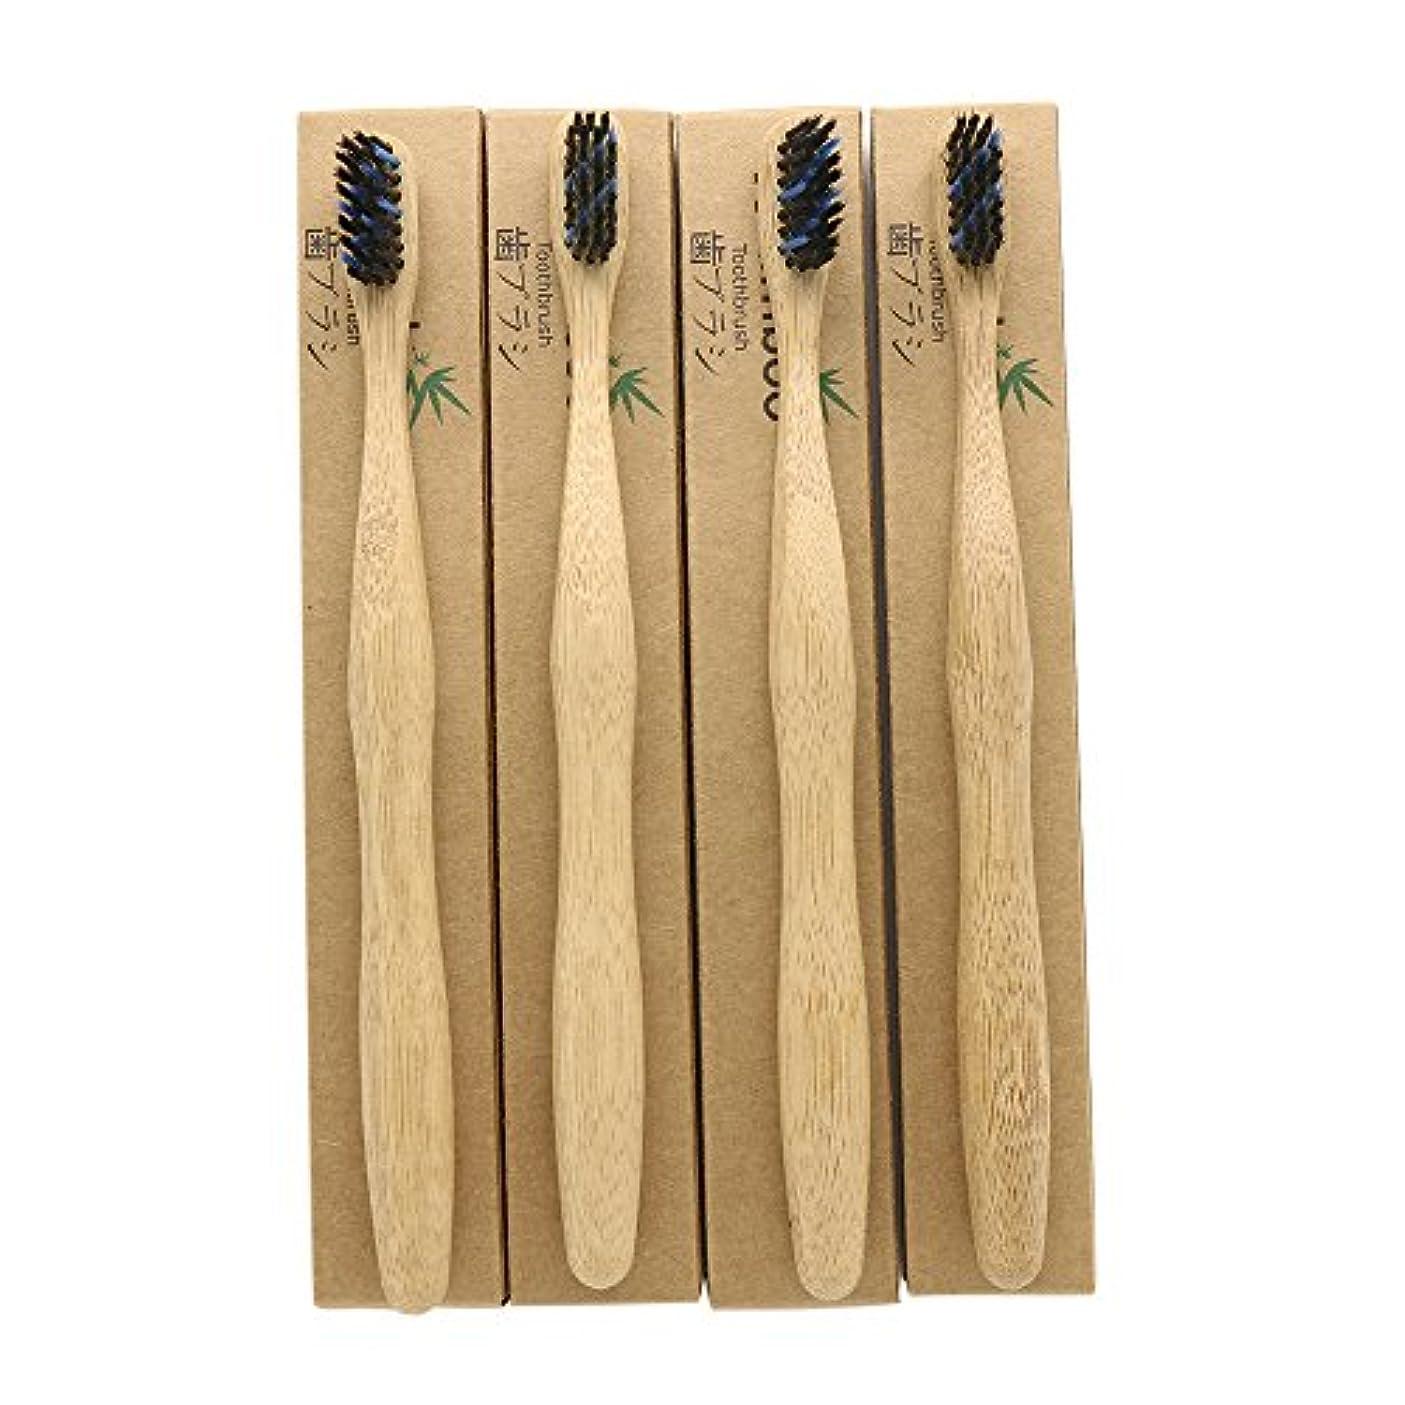 濃度本部線形N-amboo 竹製耐久度高い 歯ブラシ 黒いと青い 4本入り セット